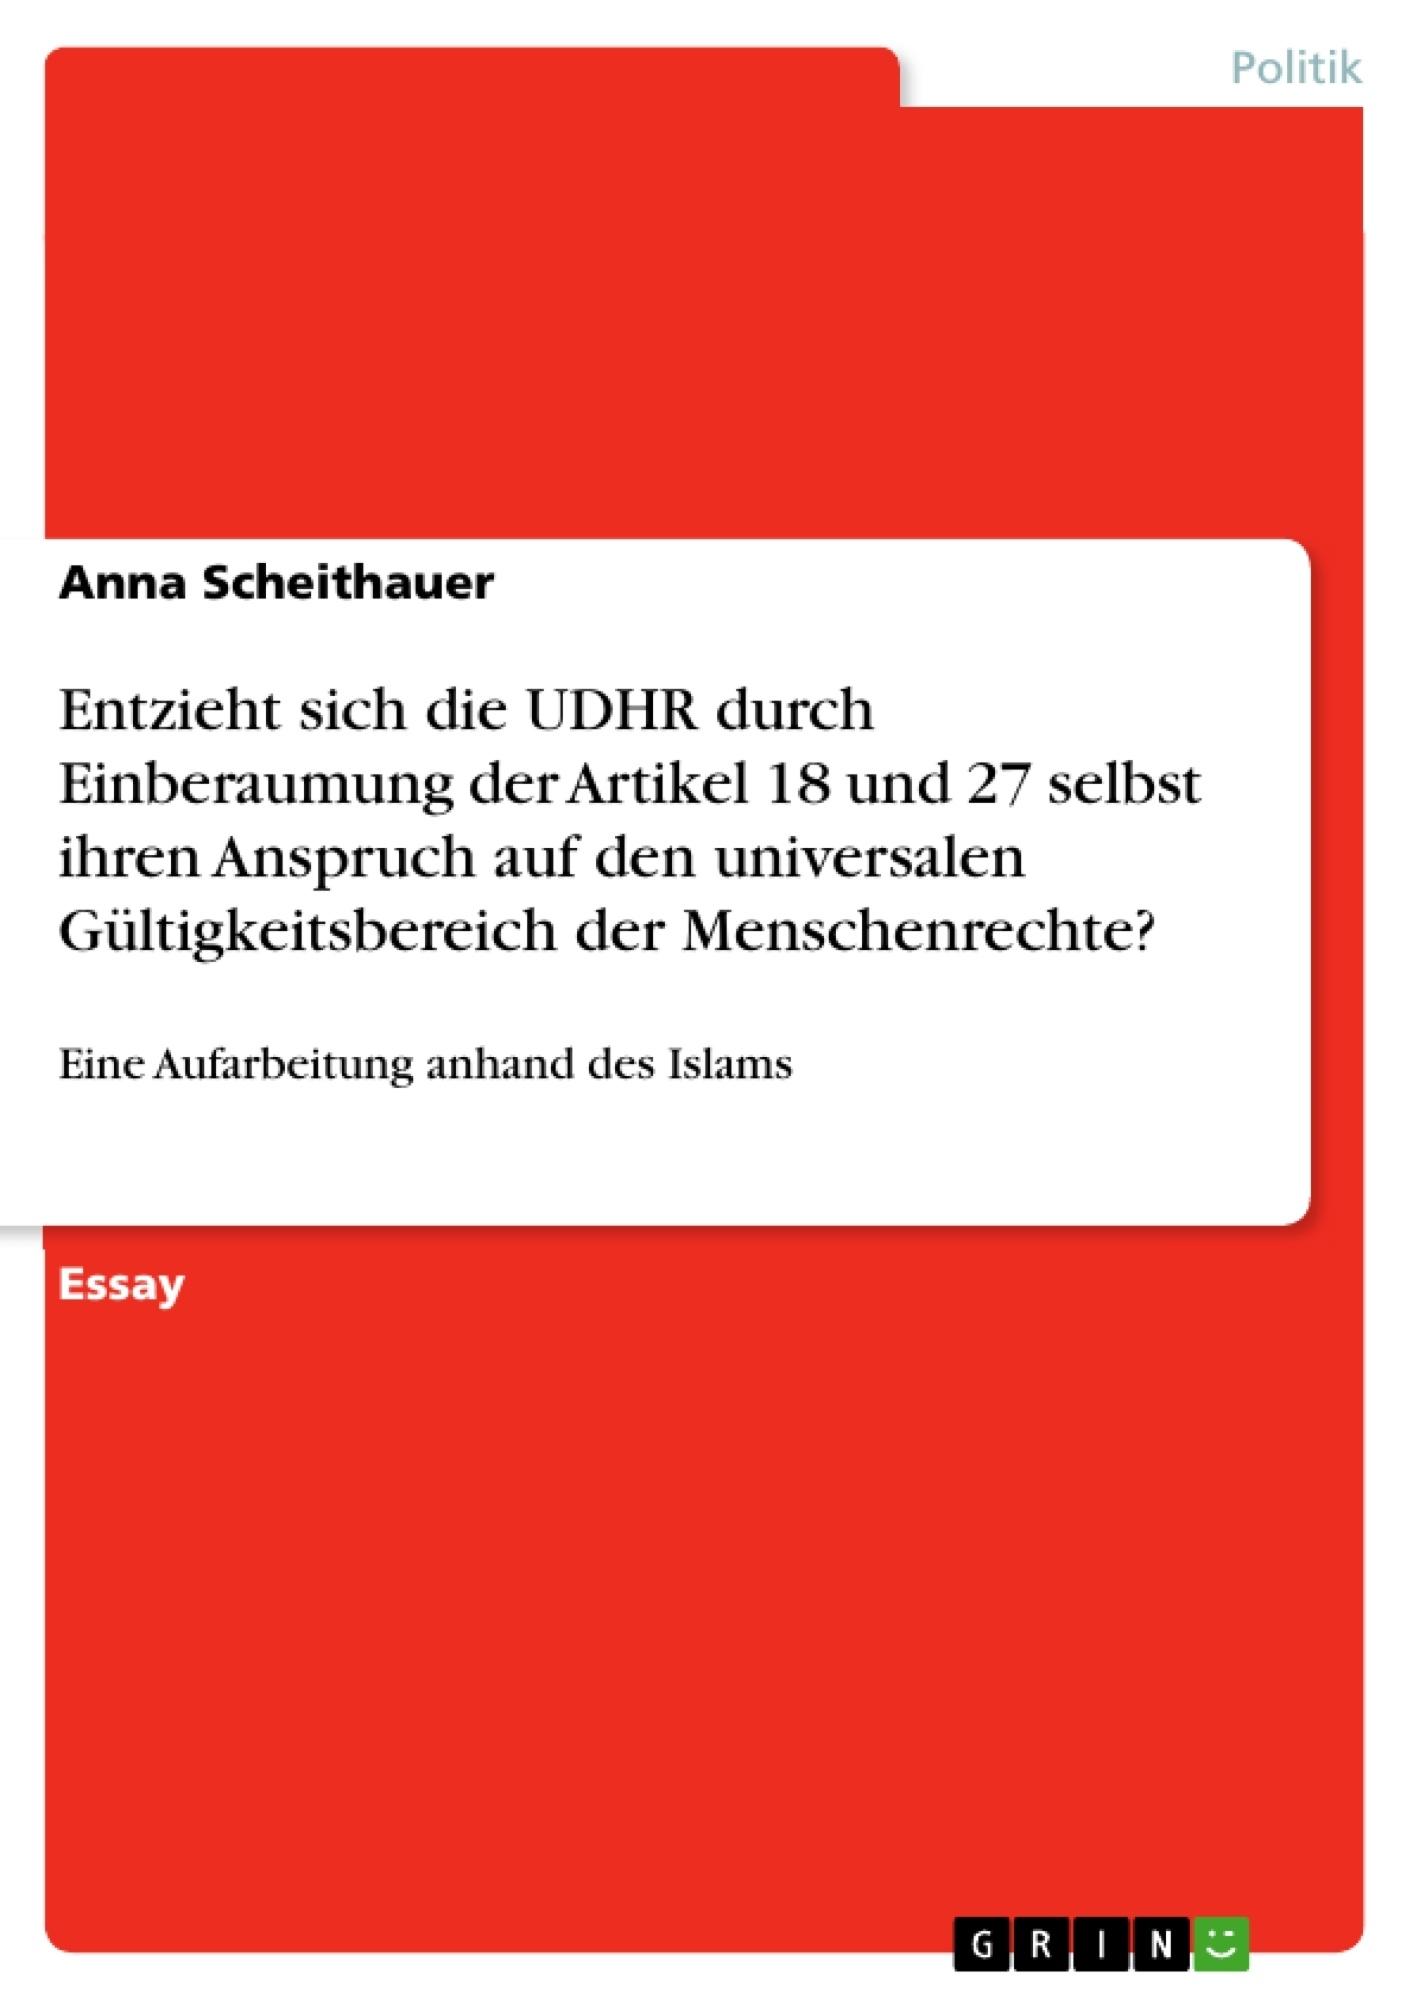 Titel: Entzieht sich die UDHR durch Einberaumung der Artikel 18 und 27 selbst ihren Anspruch auf den universalen Gültigkeitsbereich der Menschenrechte?